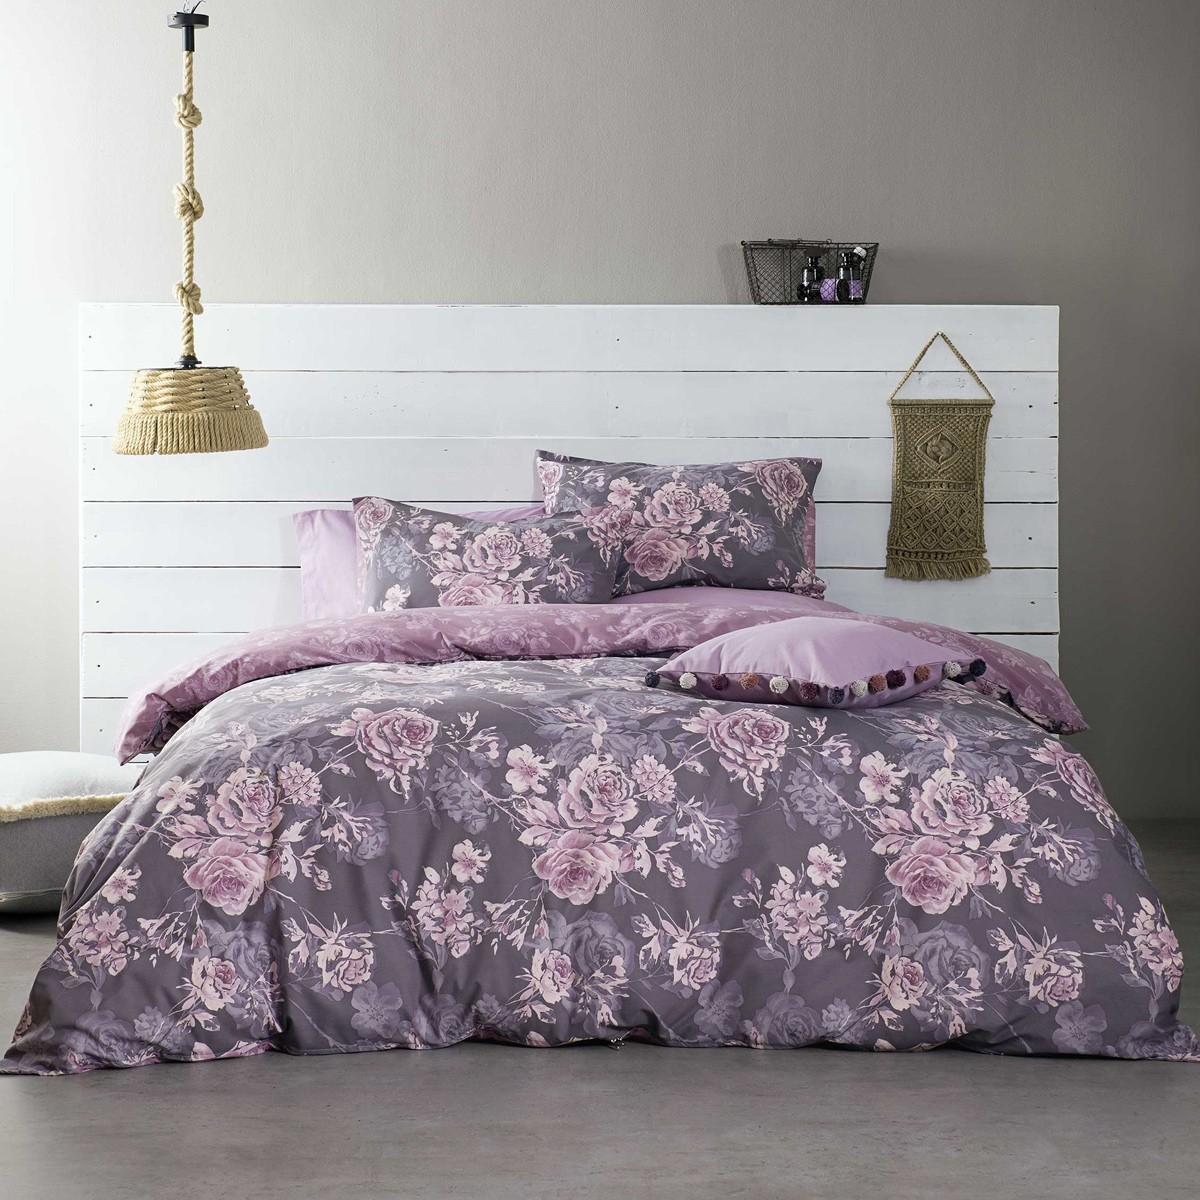 Σεντόνια Υπέρδιπλα (Σετ) Nima Bed Linen Carmen Purple ΧΩΡΙΣ ΛΑΣΤΙΧΟ ΧΩΡΙΣ ΛΑΣΤΙΧΟ